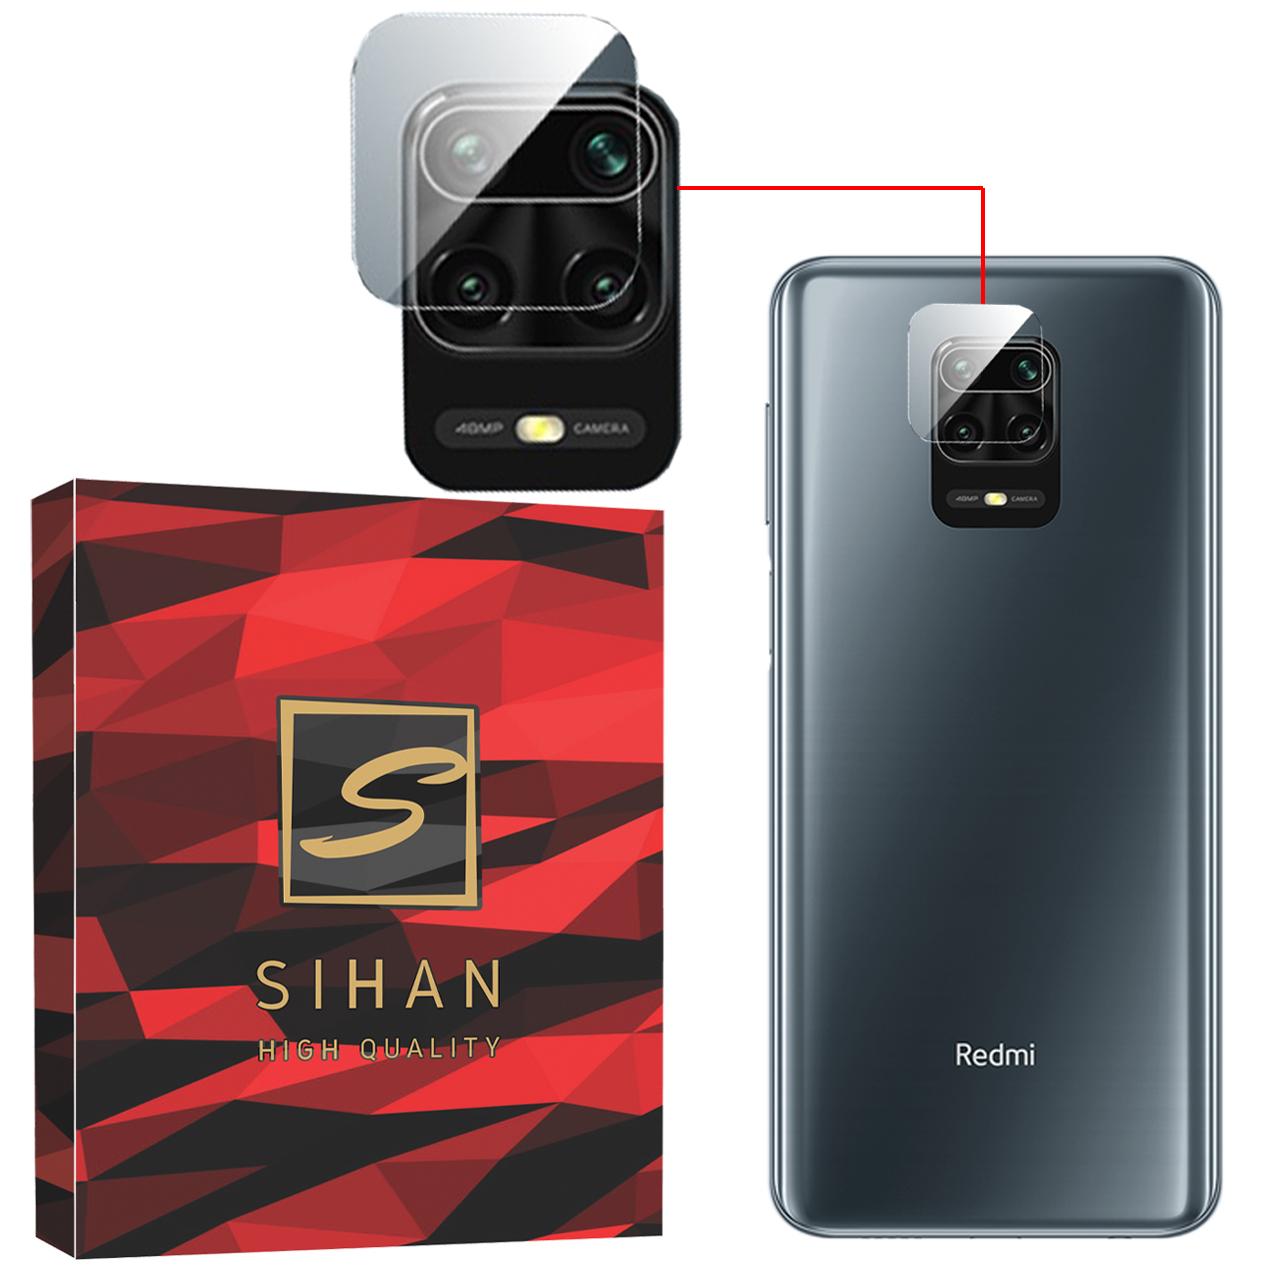 محافظ لنز دوربین سیحان مدل GLP مناسب برای گوشی موبایل شیائومی Redmi Note 9s